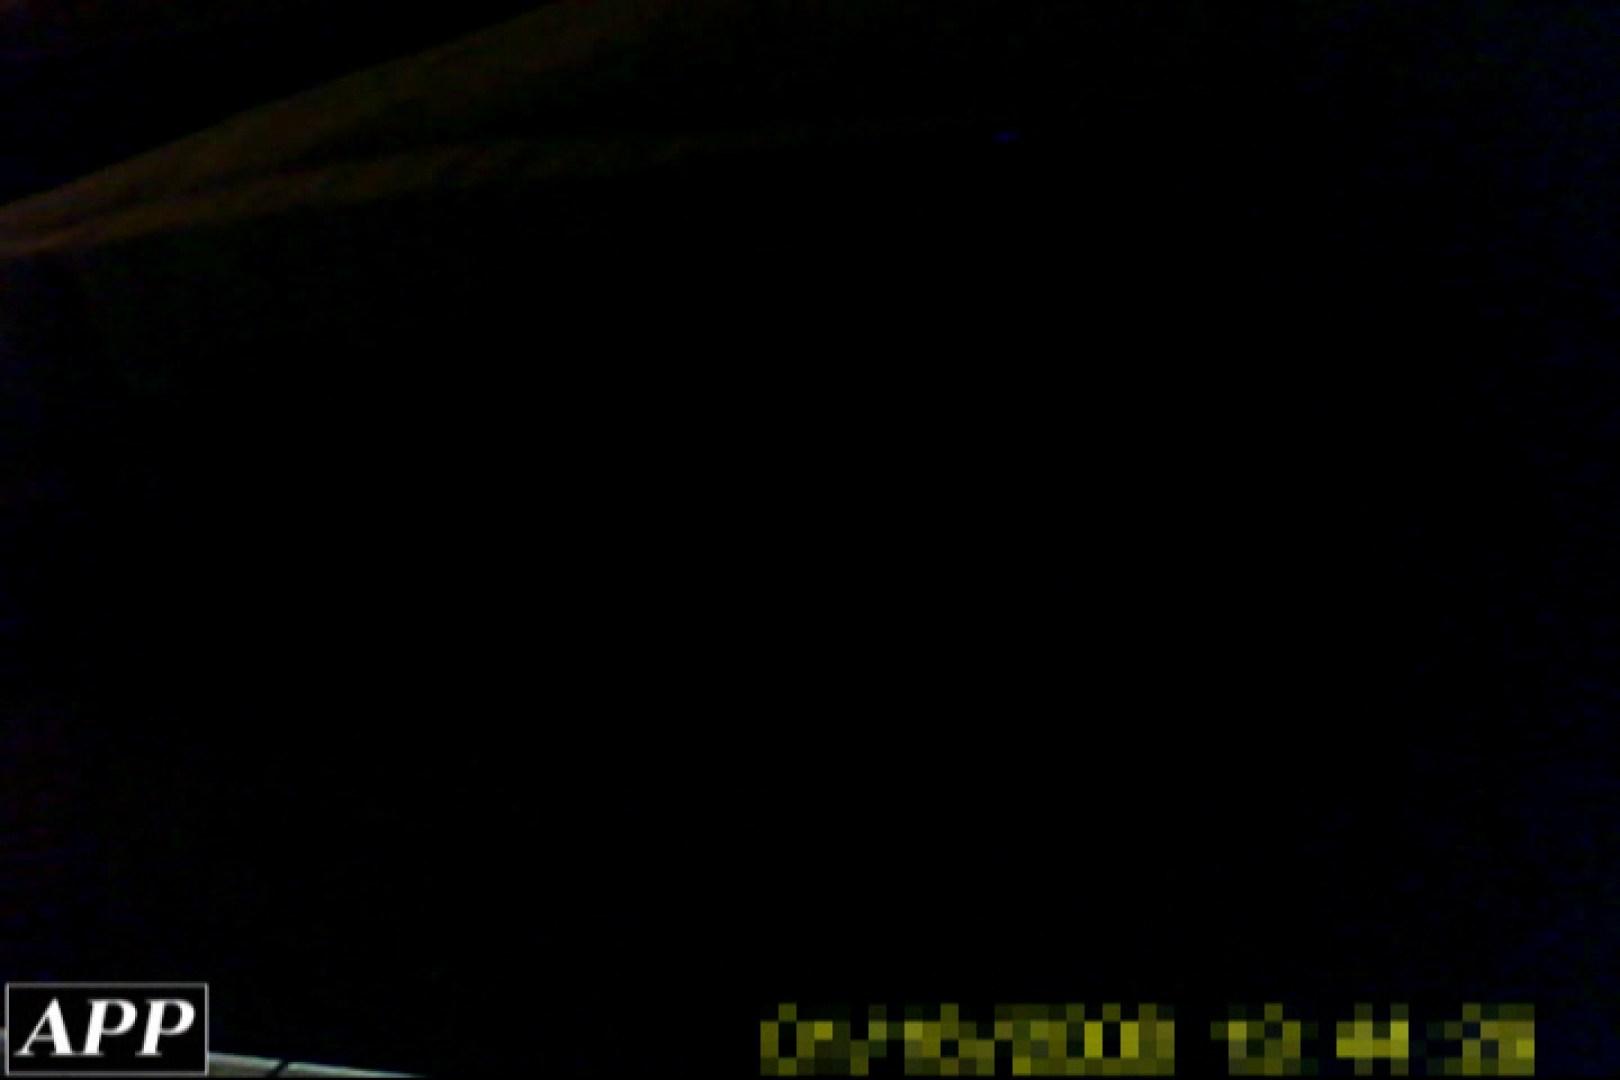 3視点洗面所 vol.67 オマンコギャル 戯れ無修正画像 82連発 59